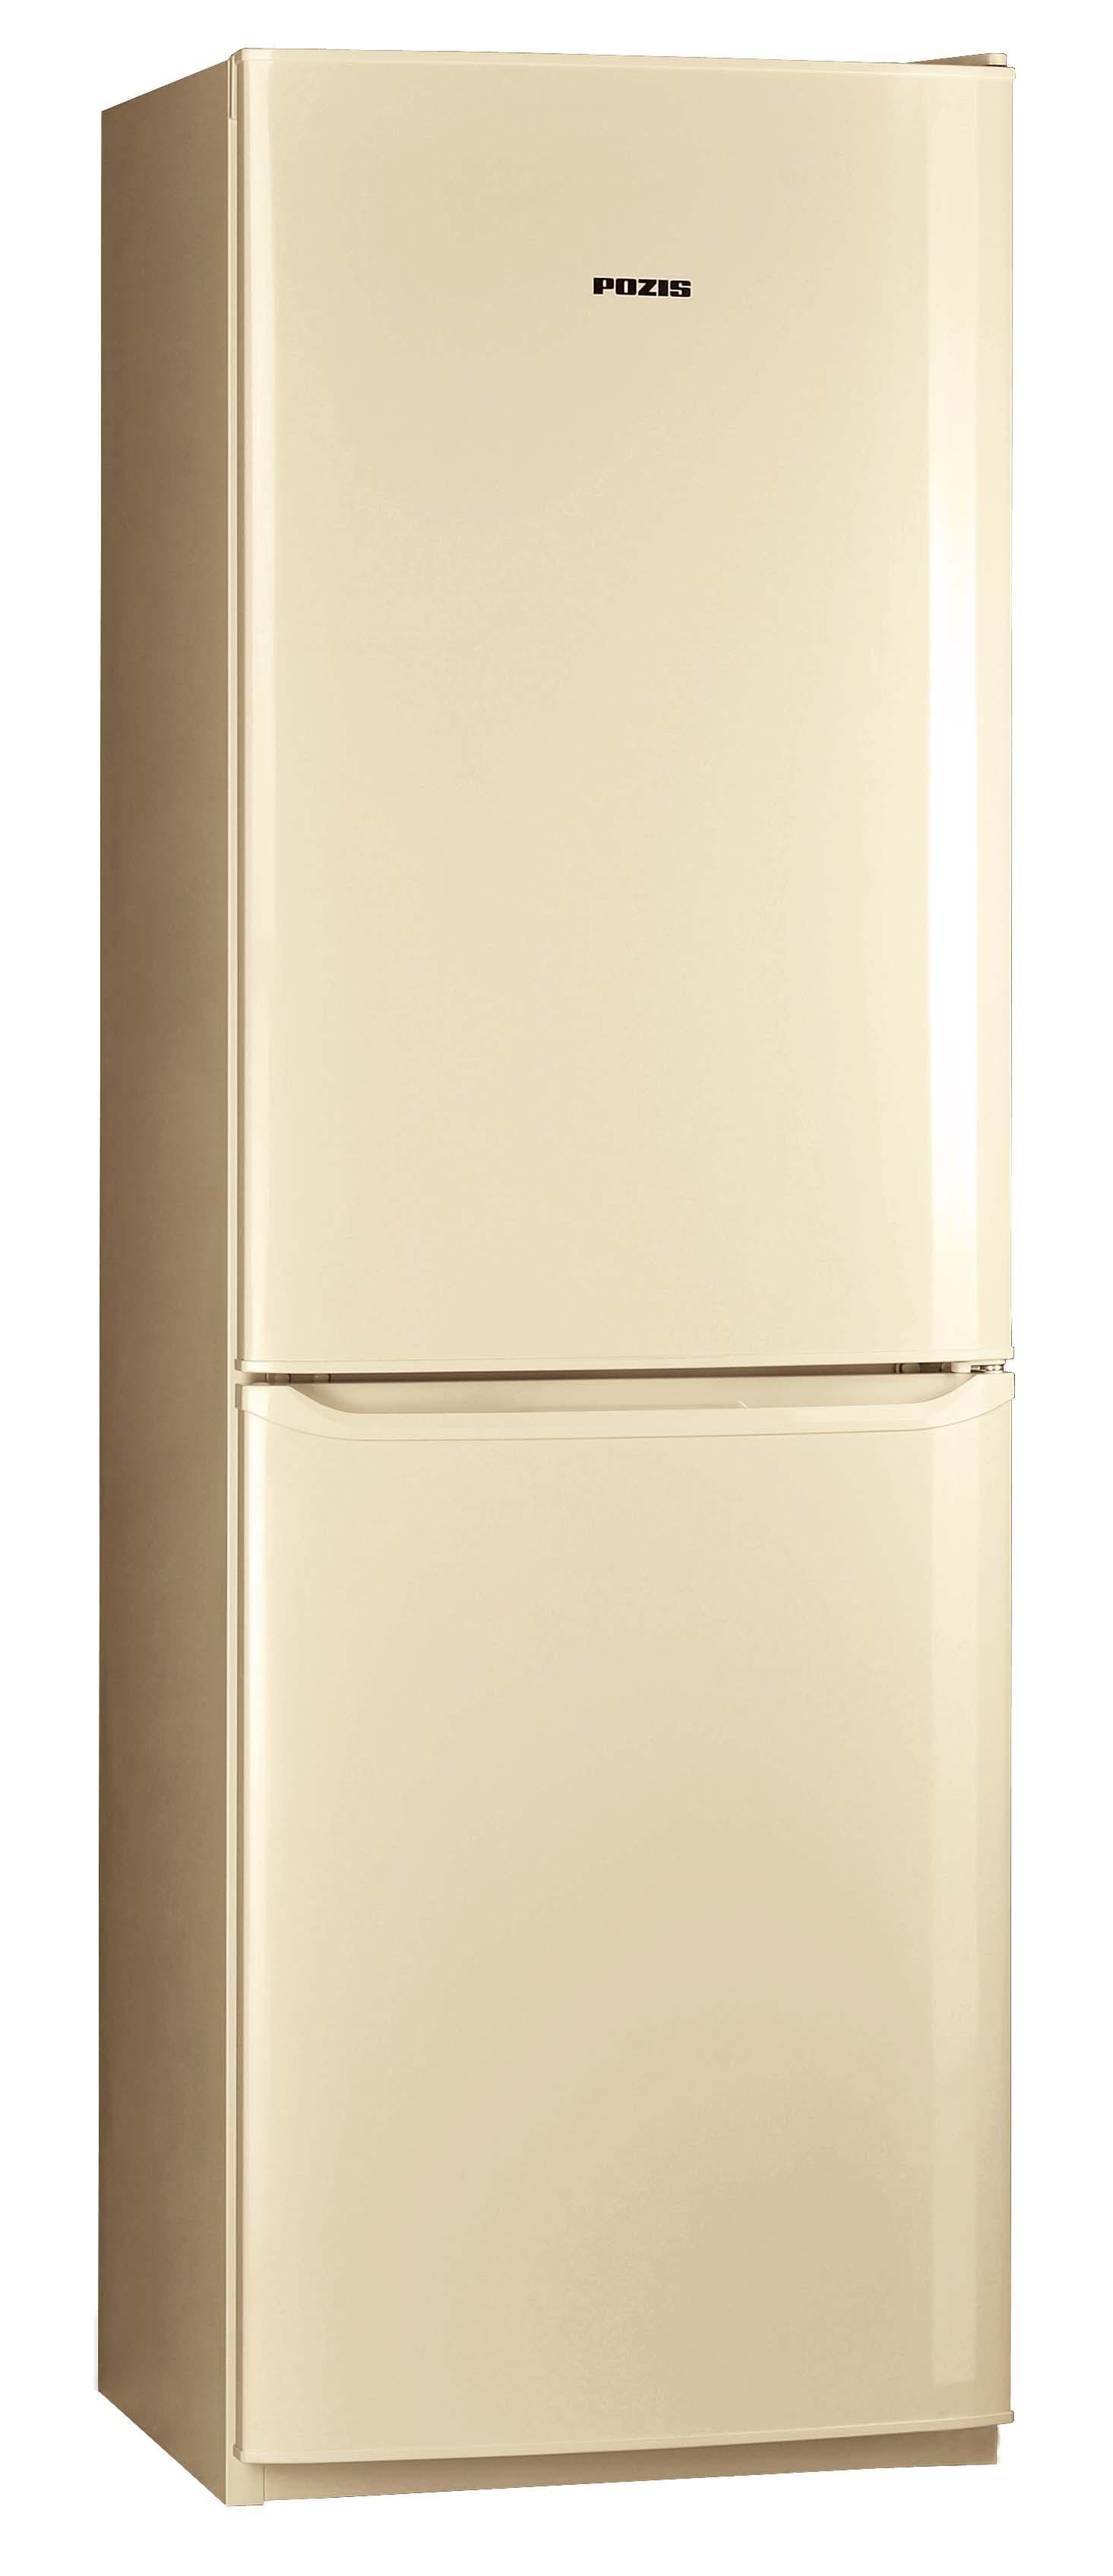 Шкаф холодильный RK-139 бежевый